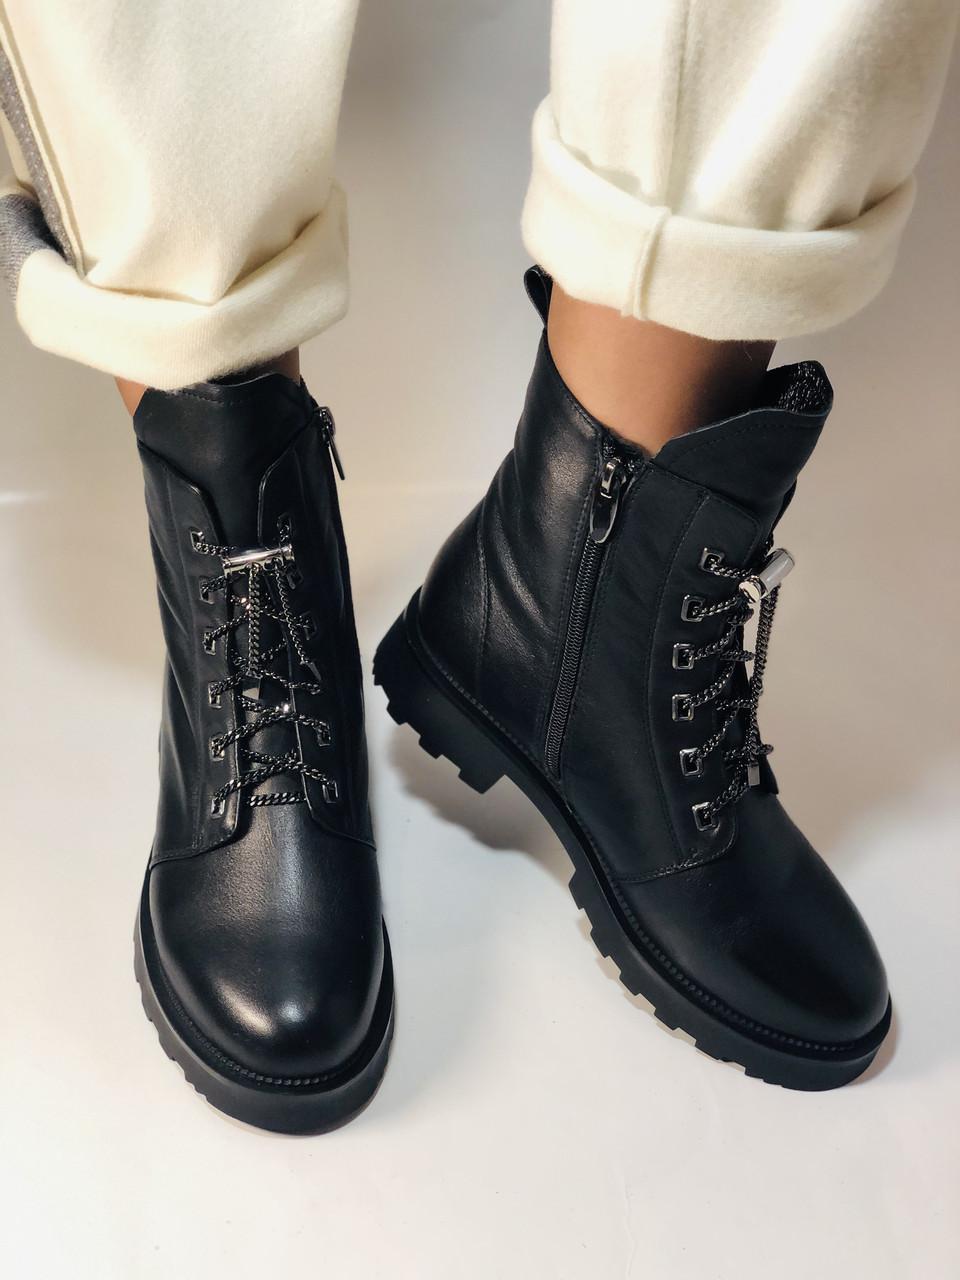 Натуральный мех. Зимние ботинки на плоской подошве. Натуральная кожа. Люкс качество. Polann. Р. 38,39 .Vellena